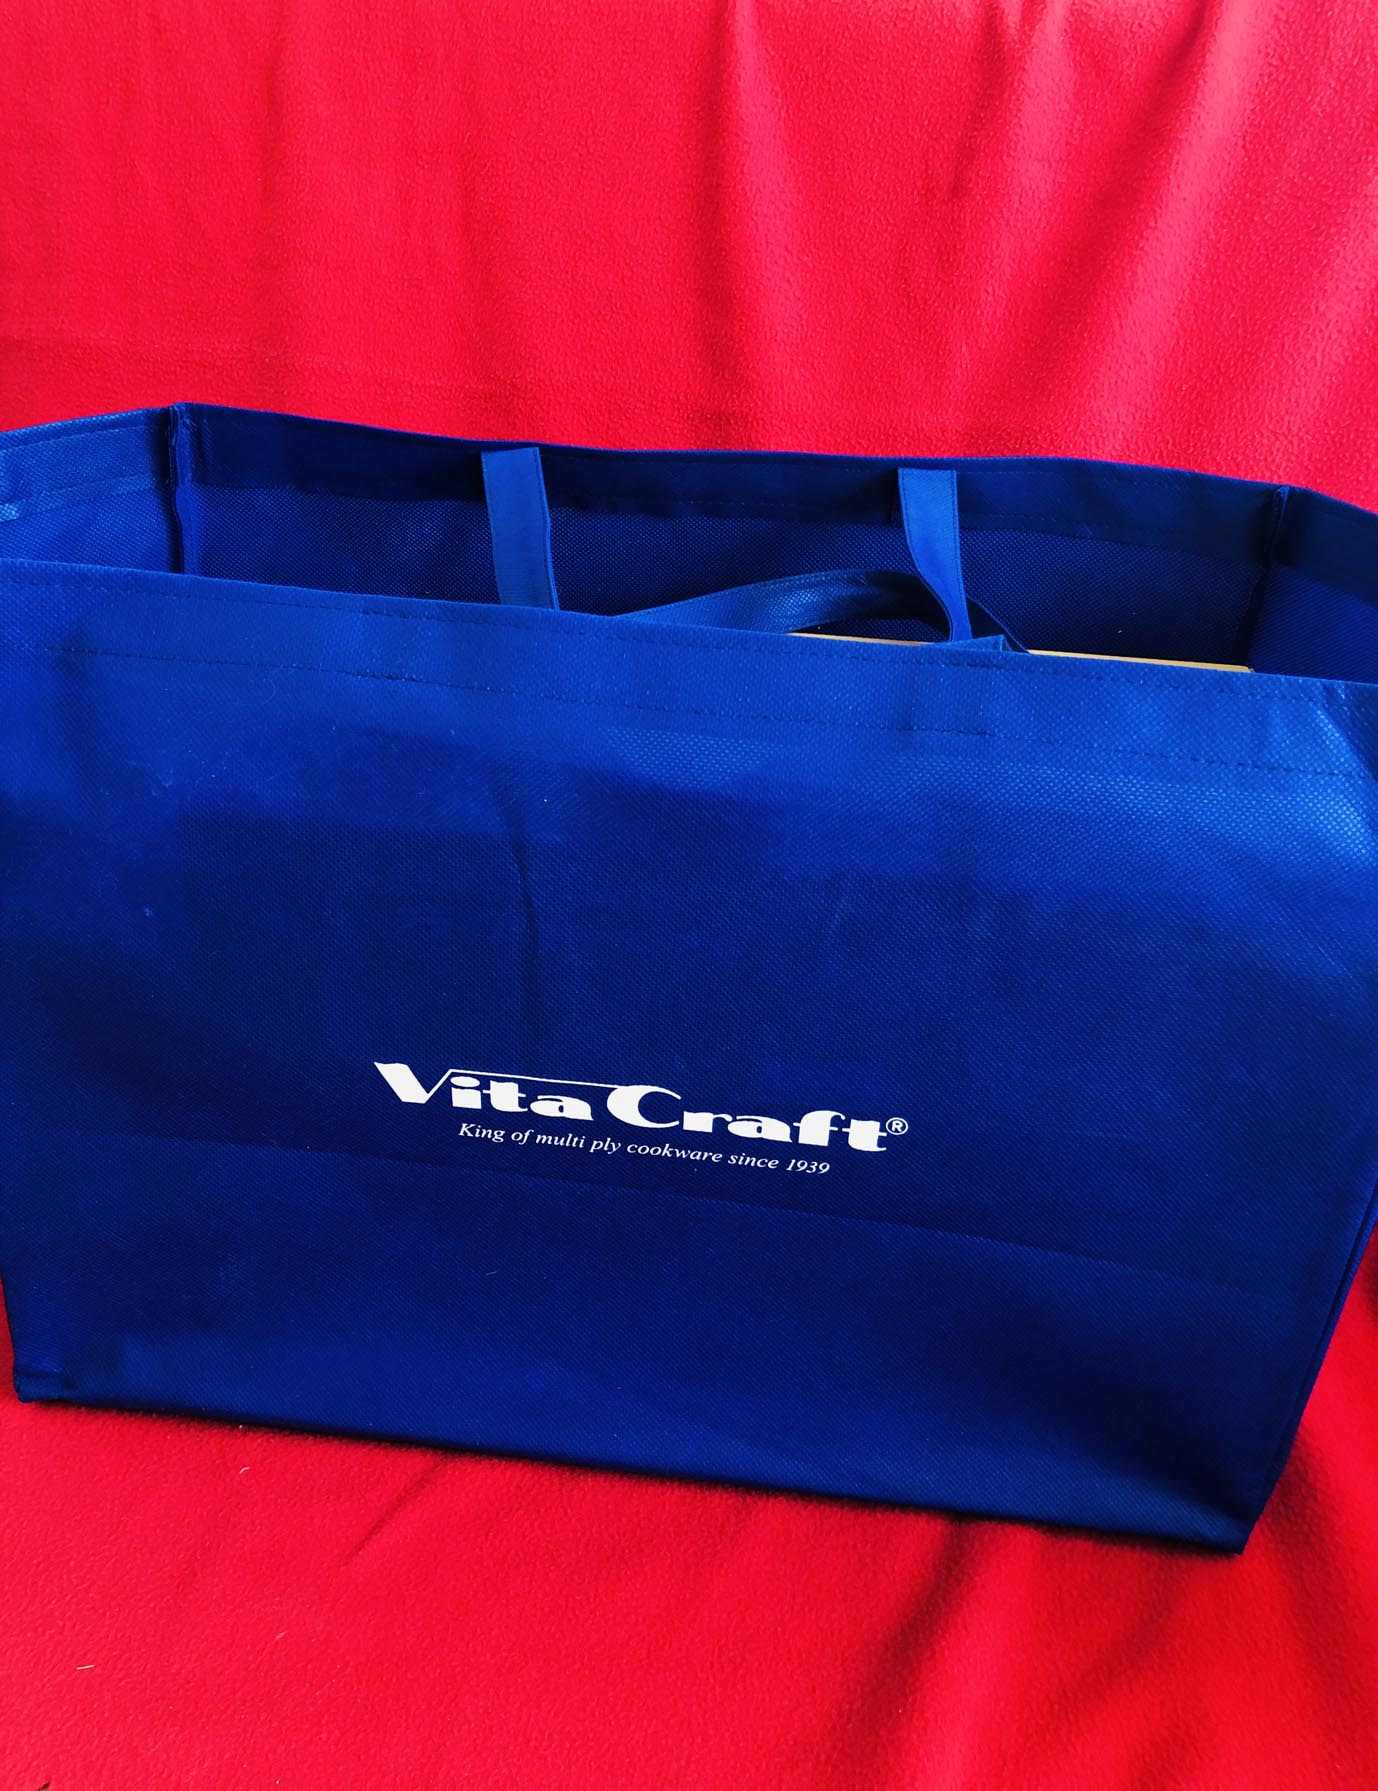 【福袋】VitaCraft(ビタクラフト)【2019】